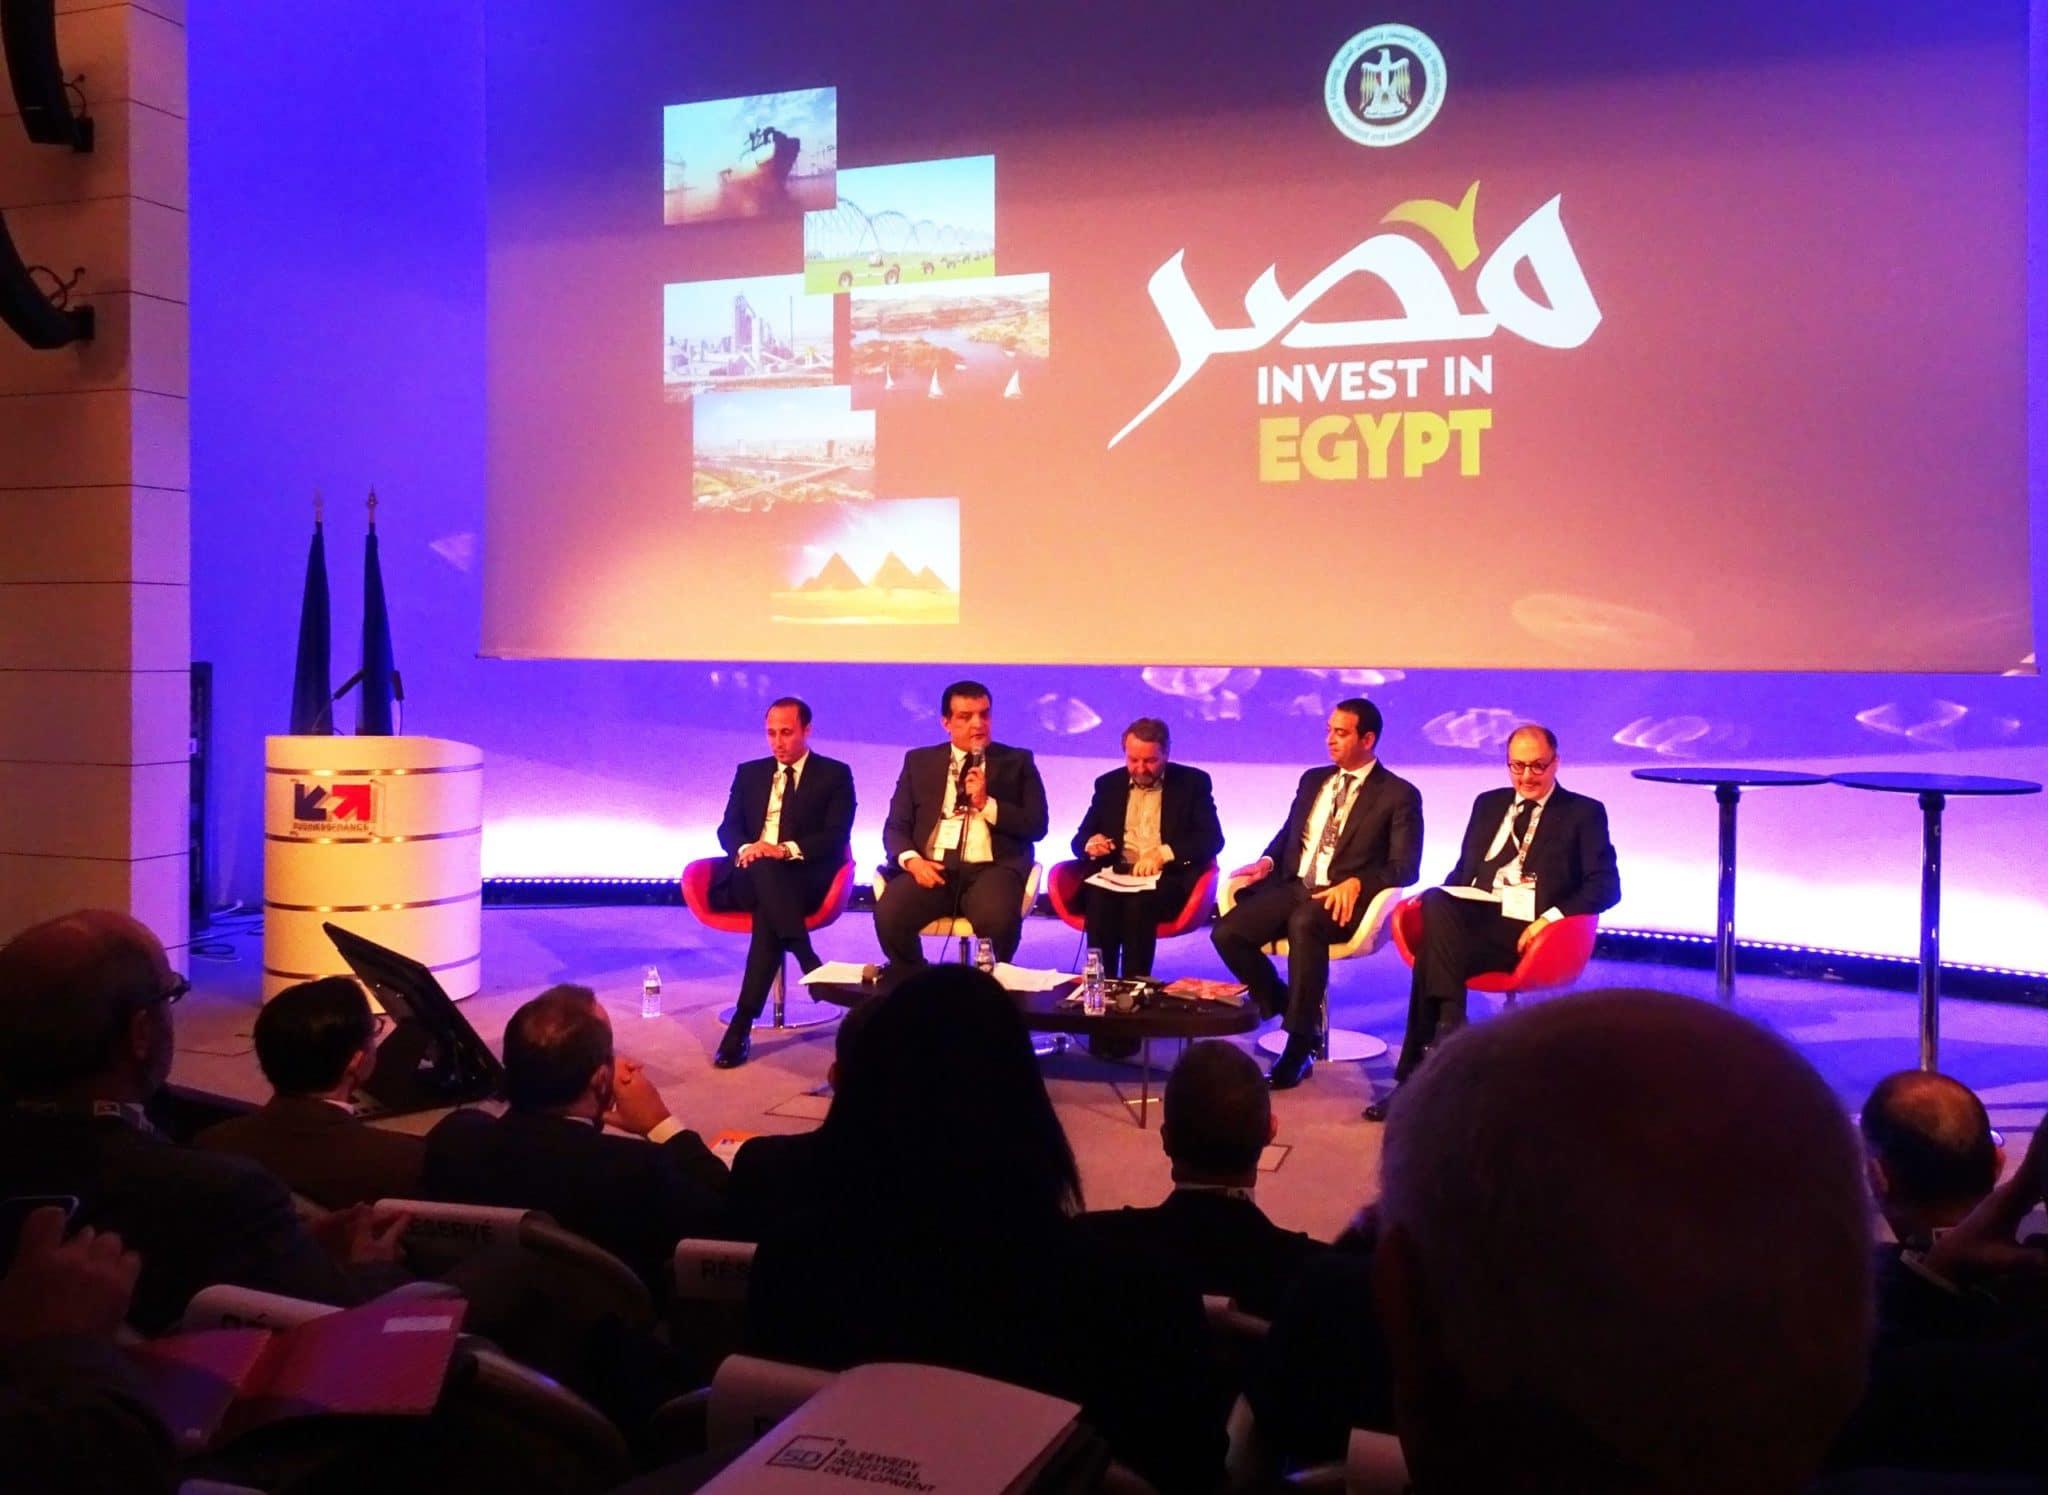 Égypte : la France veut rattraper son retard, d'après la table ronde de l'Atelier Egypte